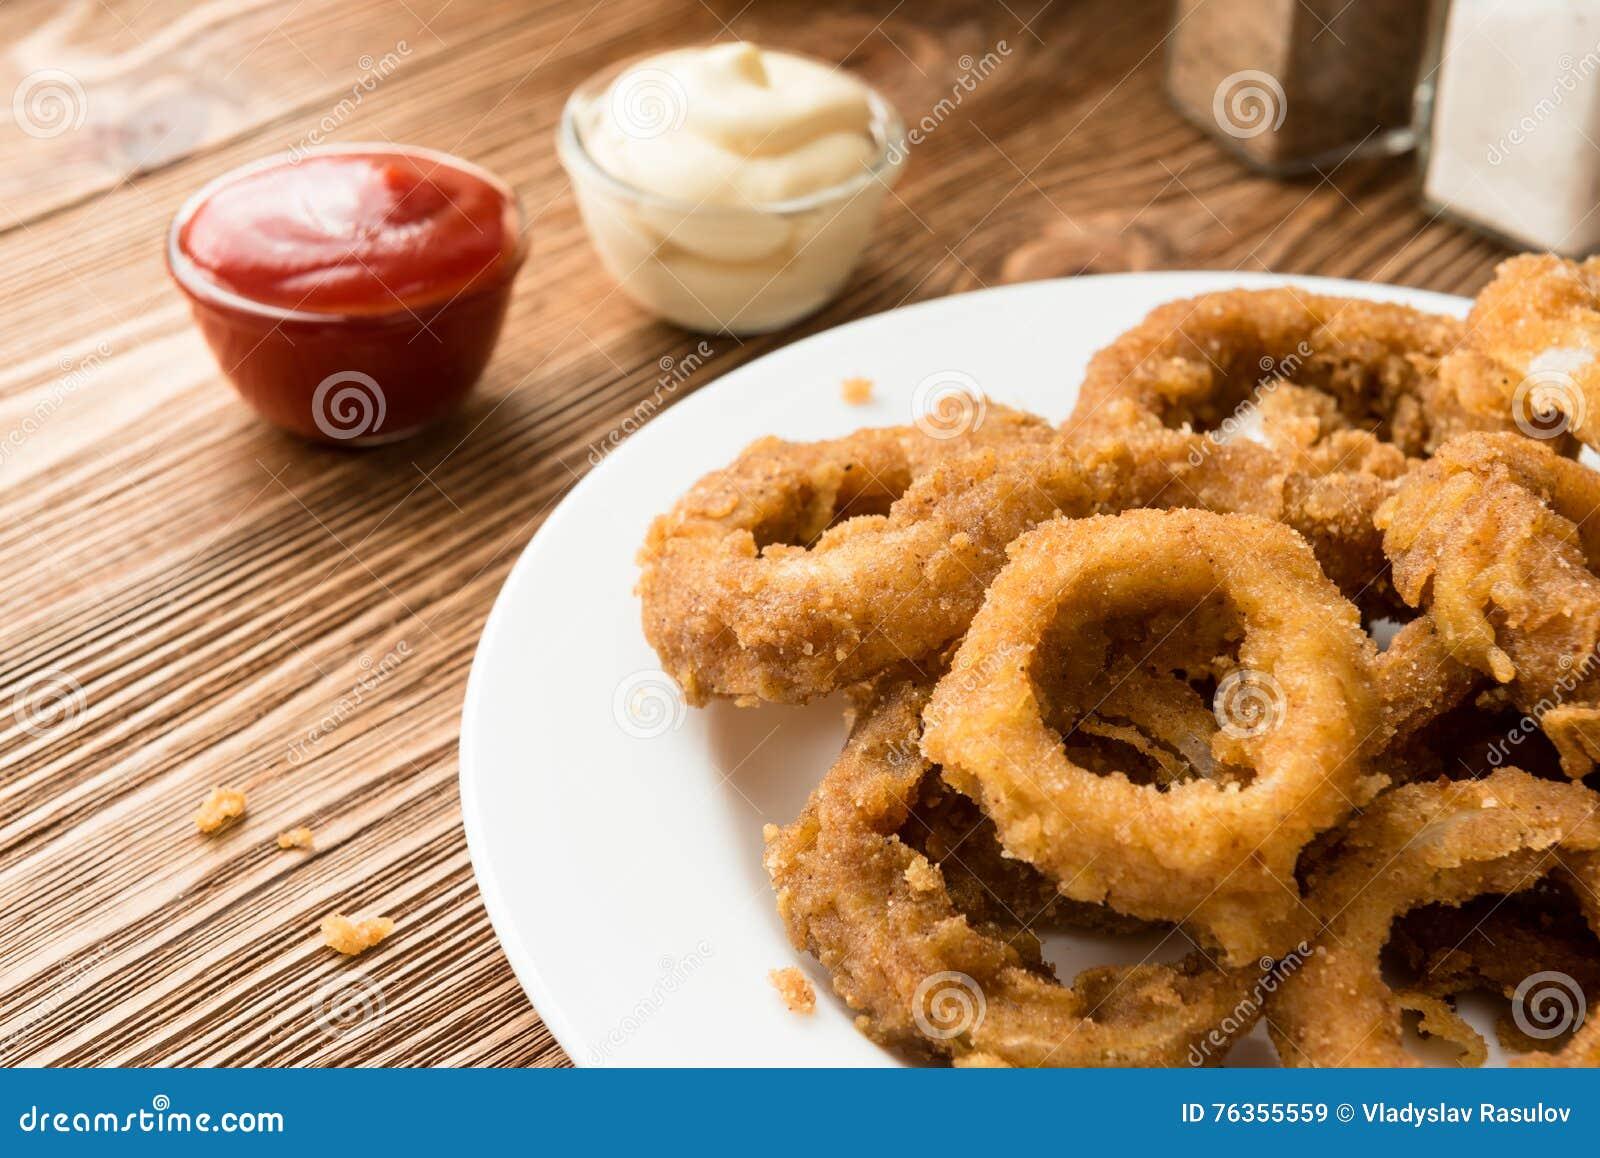 Anelli di cipolla dorati con salsa al pomodoro